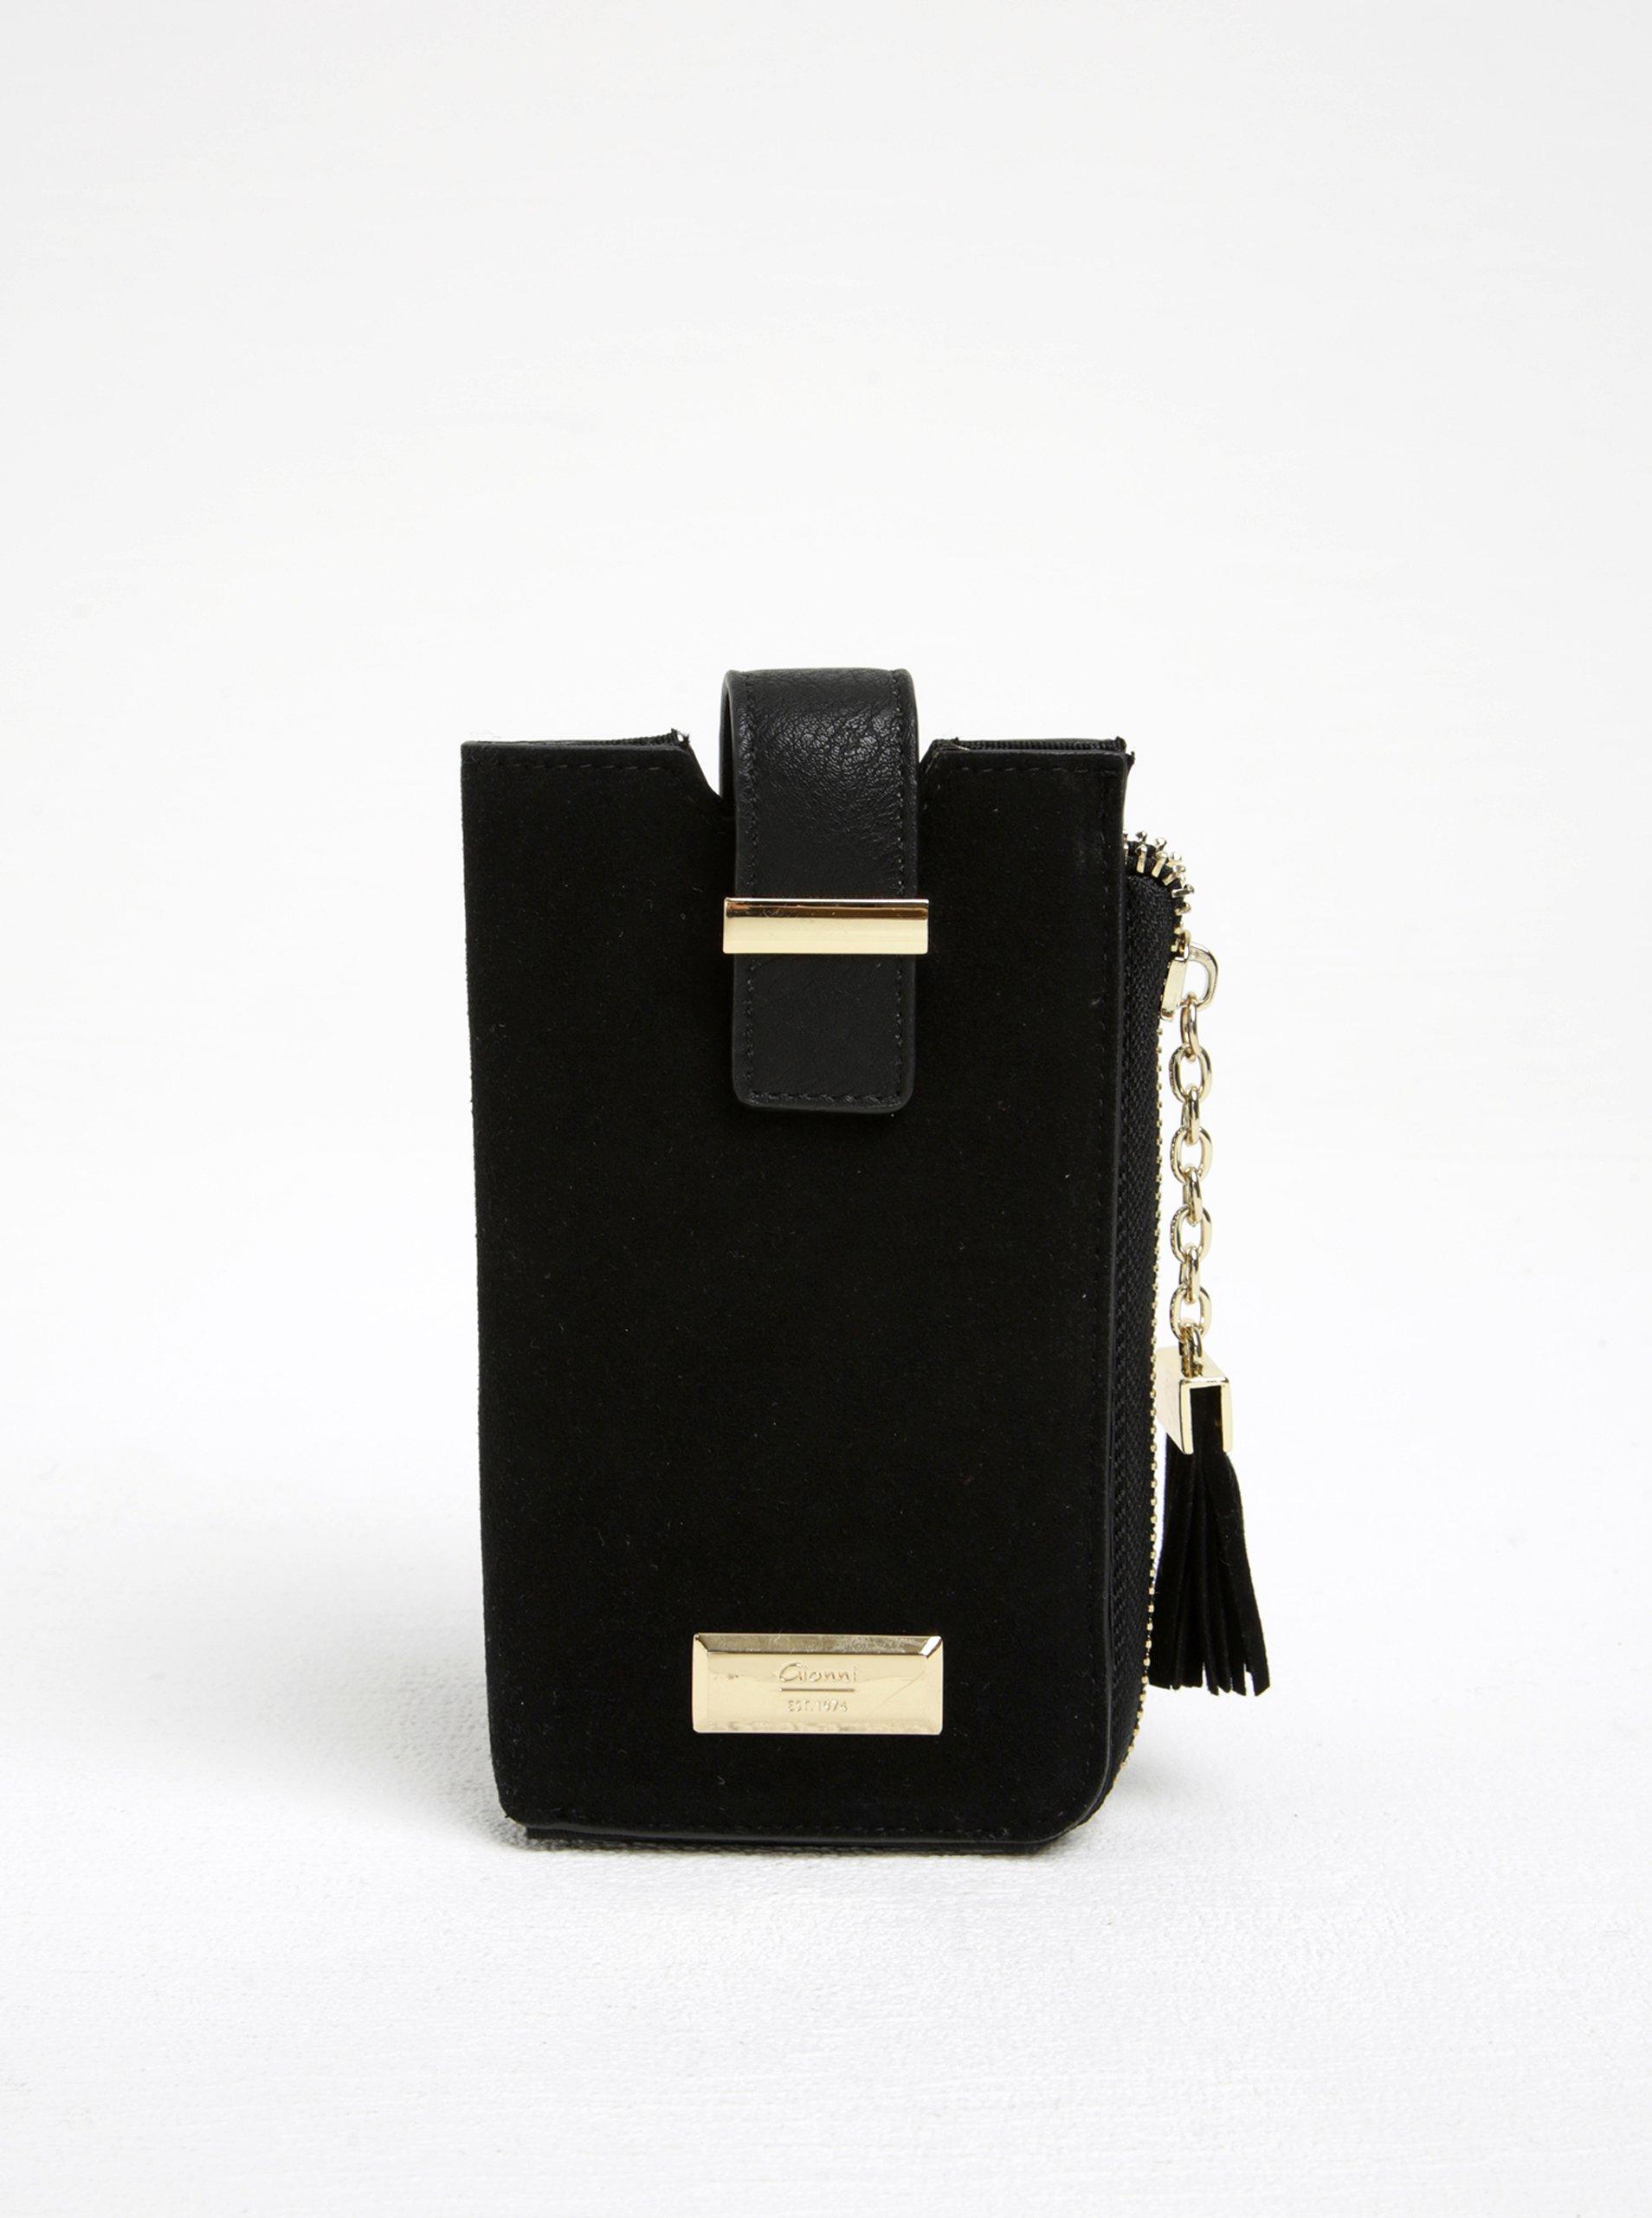 Černé pouzdro na smarthpone s kapsou na karty Gionni Viollette